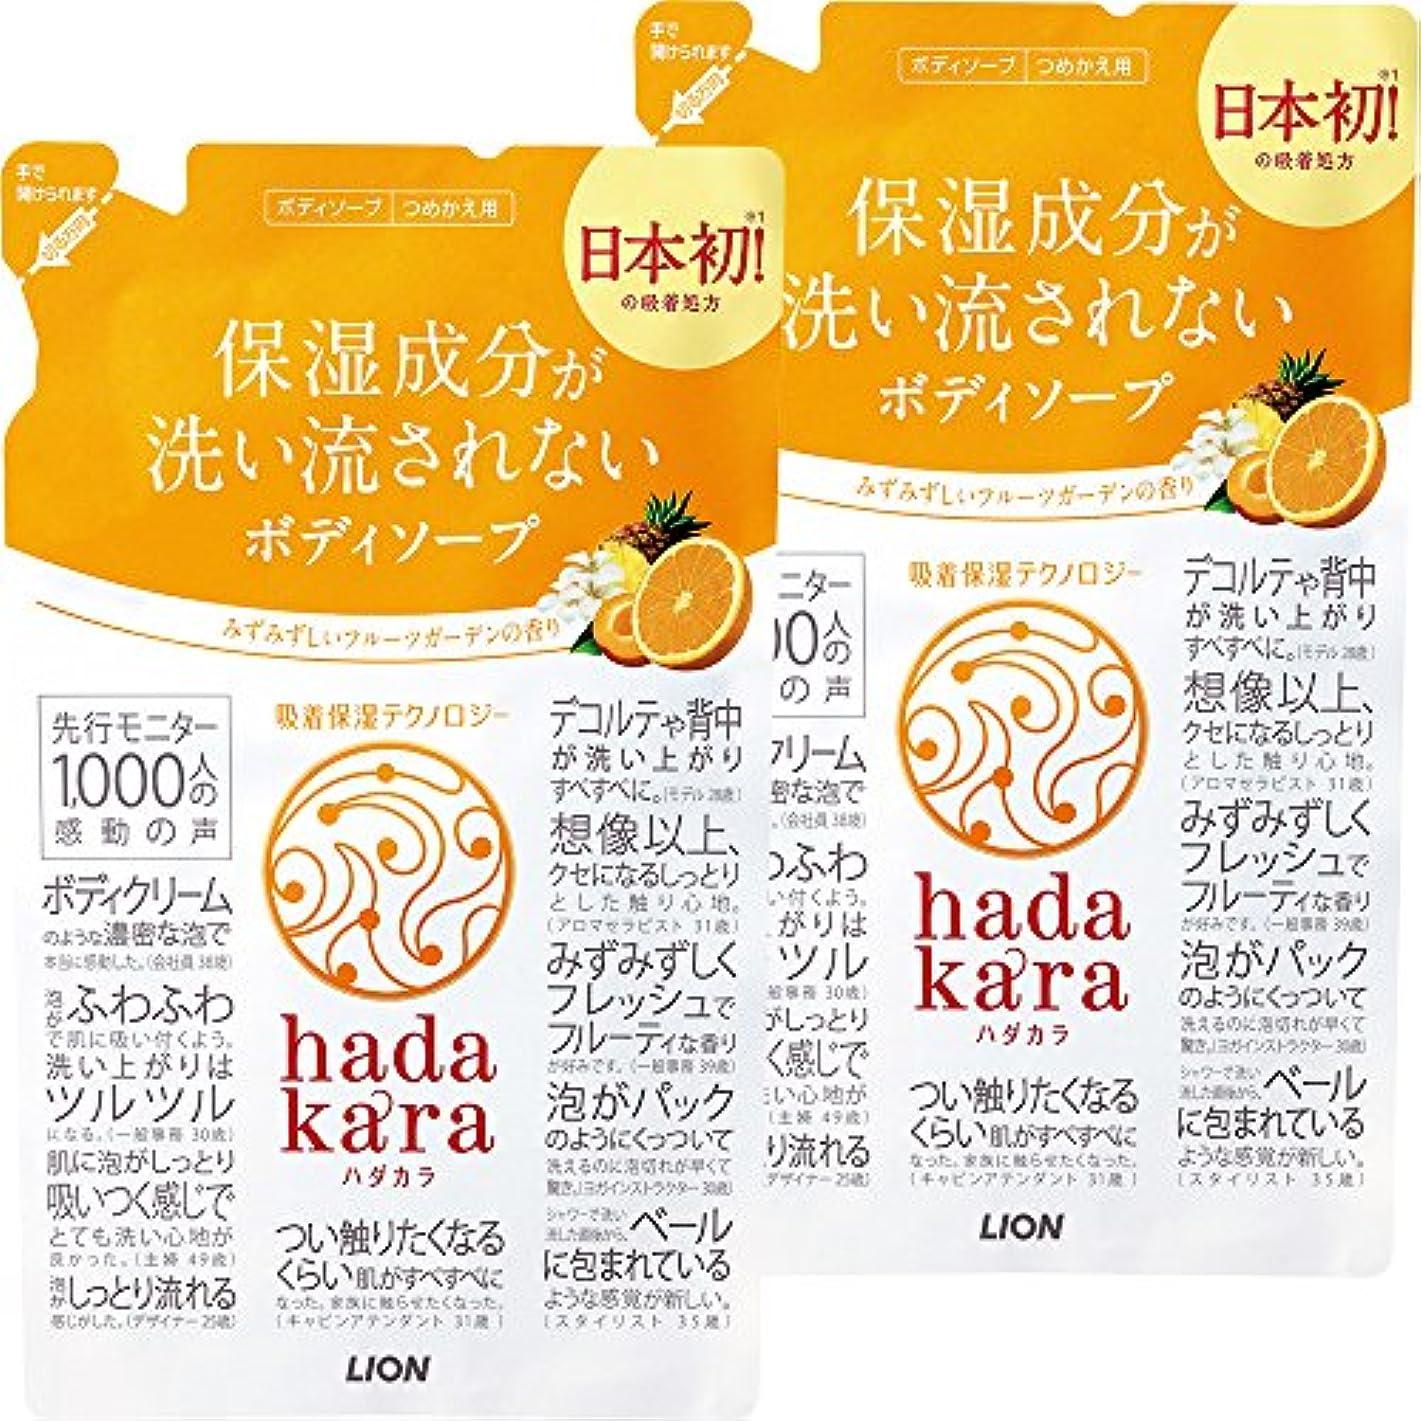 反逆者破裂物質【まとめ買い】hadakara(ハダカラ) ボディソープ フルーツガーデンの香り 詰め替え 360ml×2個パック